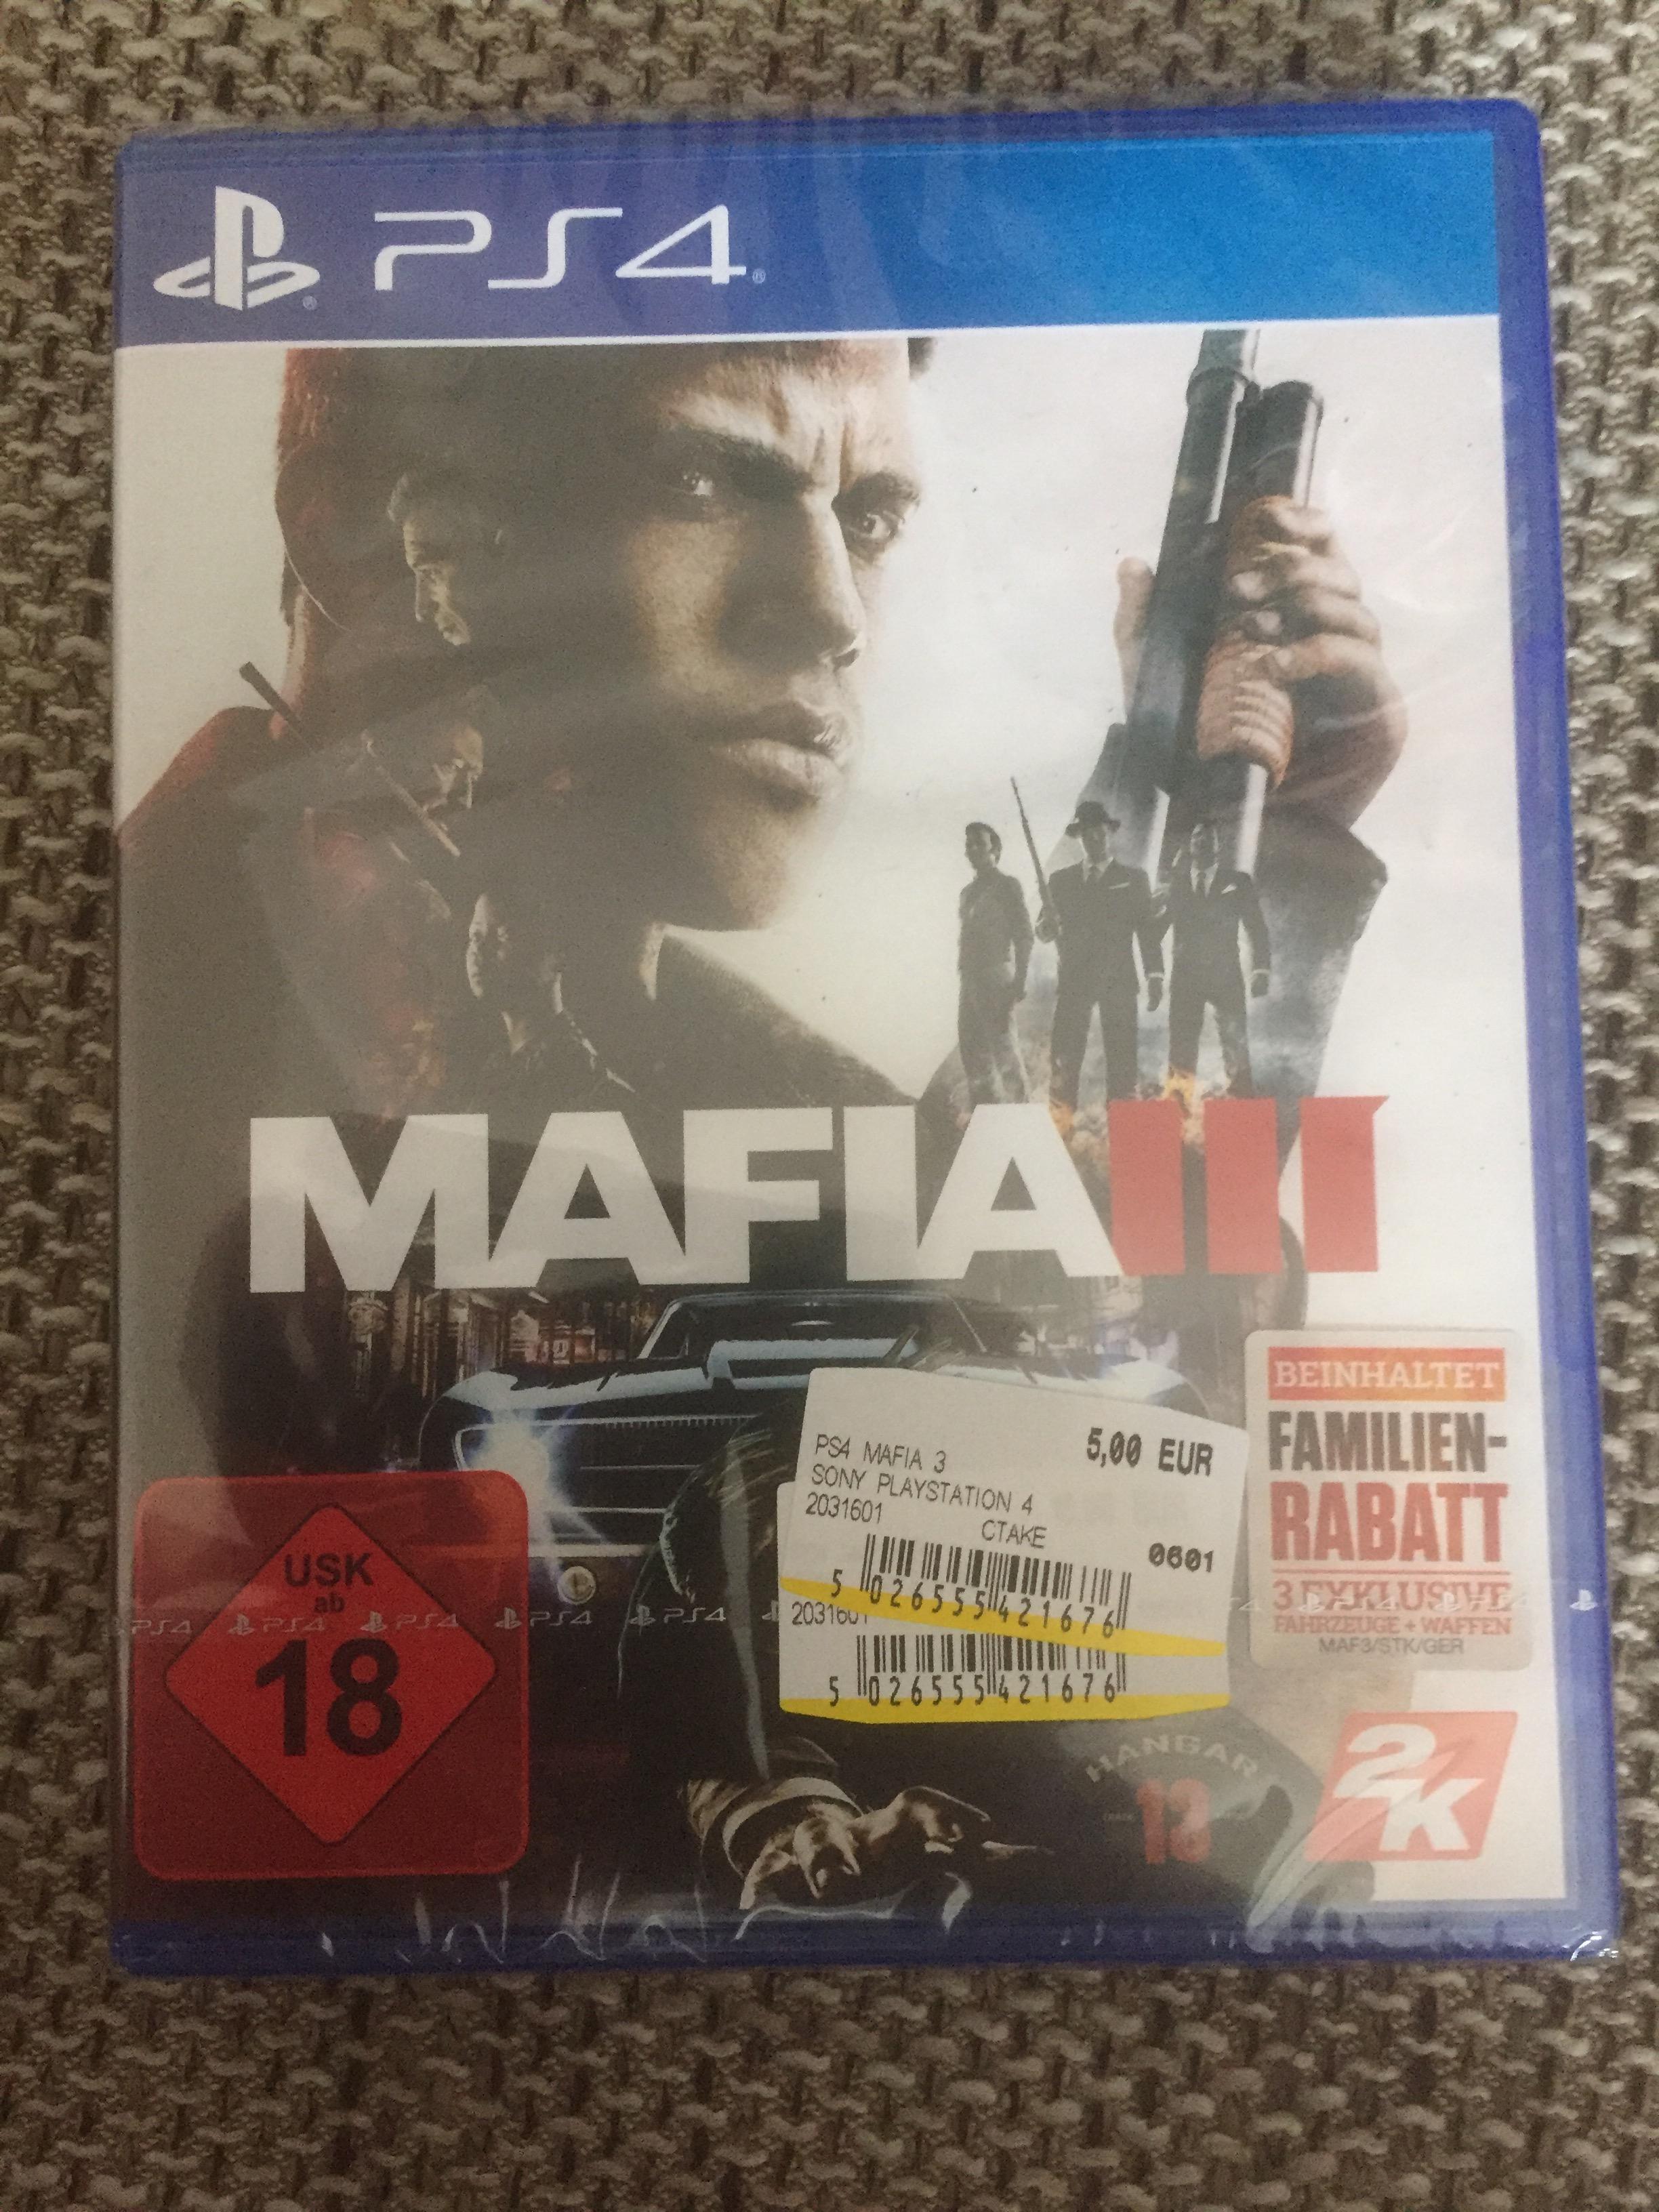 Lokal Berlin Mafia 3 Ps4 für nen Fünfer inklusive Familienrabatt DLC